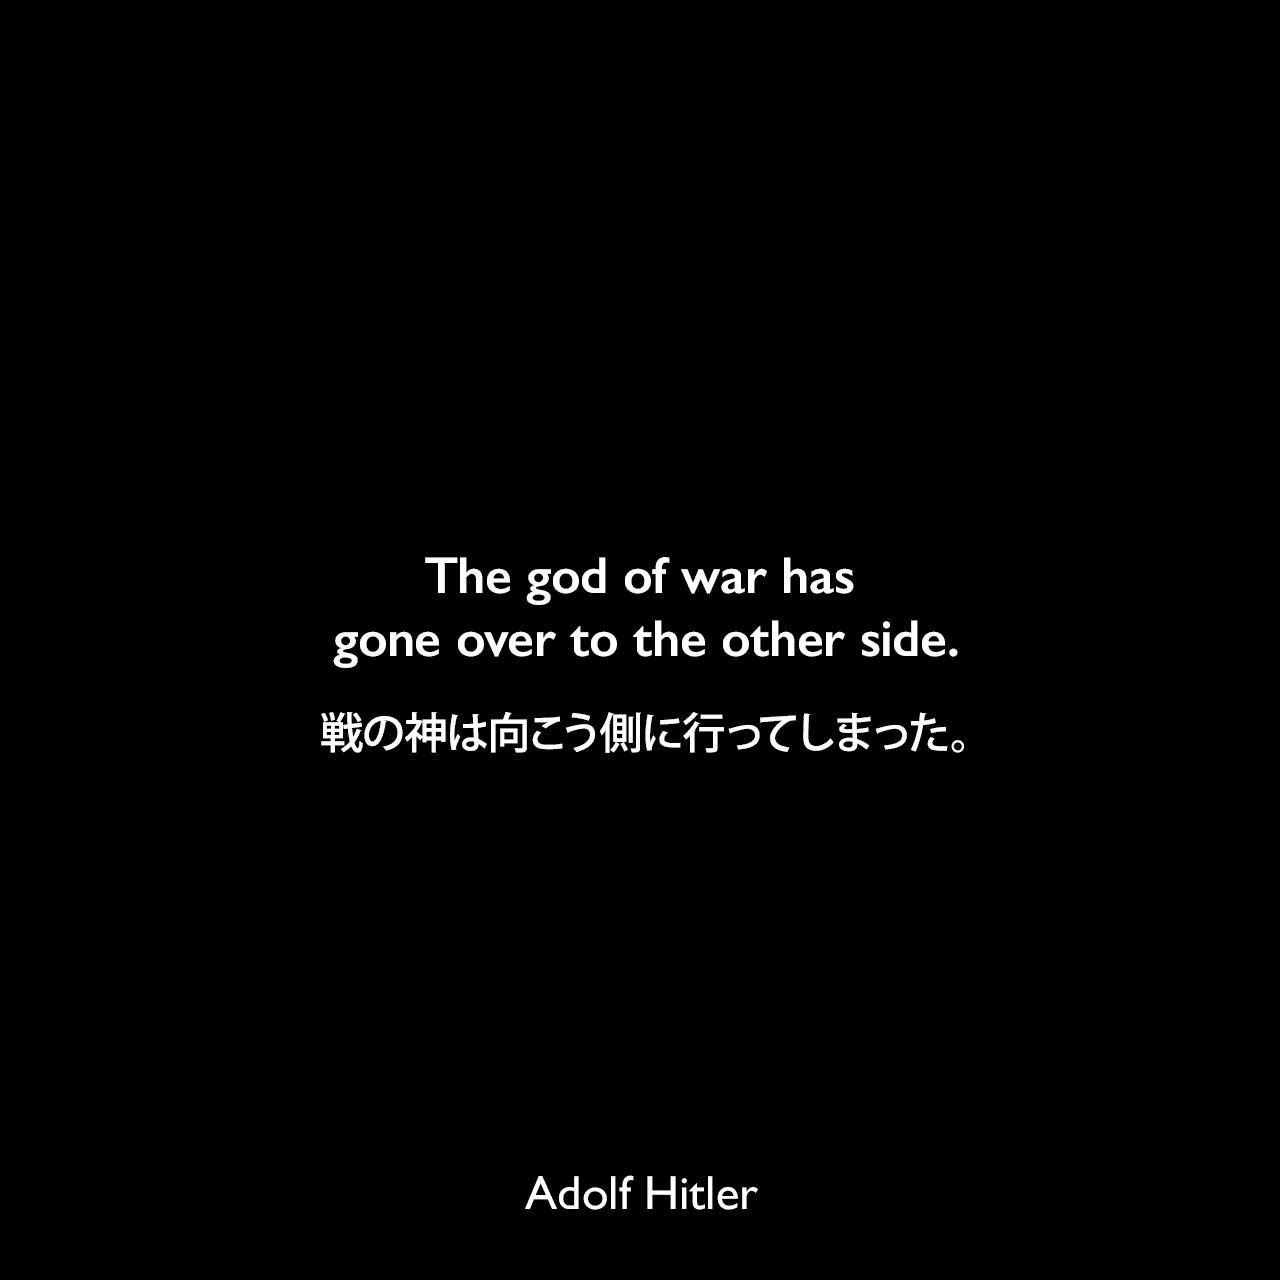 The god of war has gone over to the other side.戦の神は向こう側に行ってしまった。- スターリングラード攻防戦での損失後、アルフレート・ヨードルへ向けた言葉Adolf Hitler